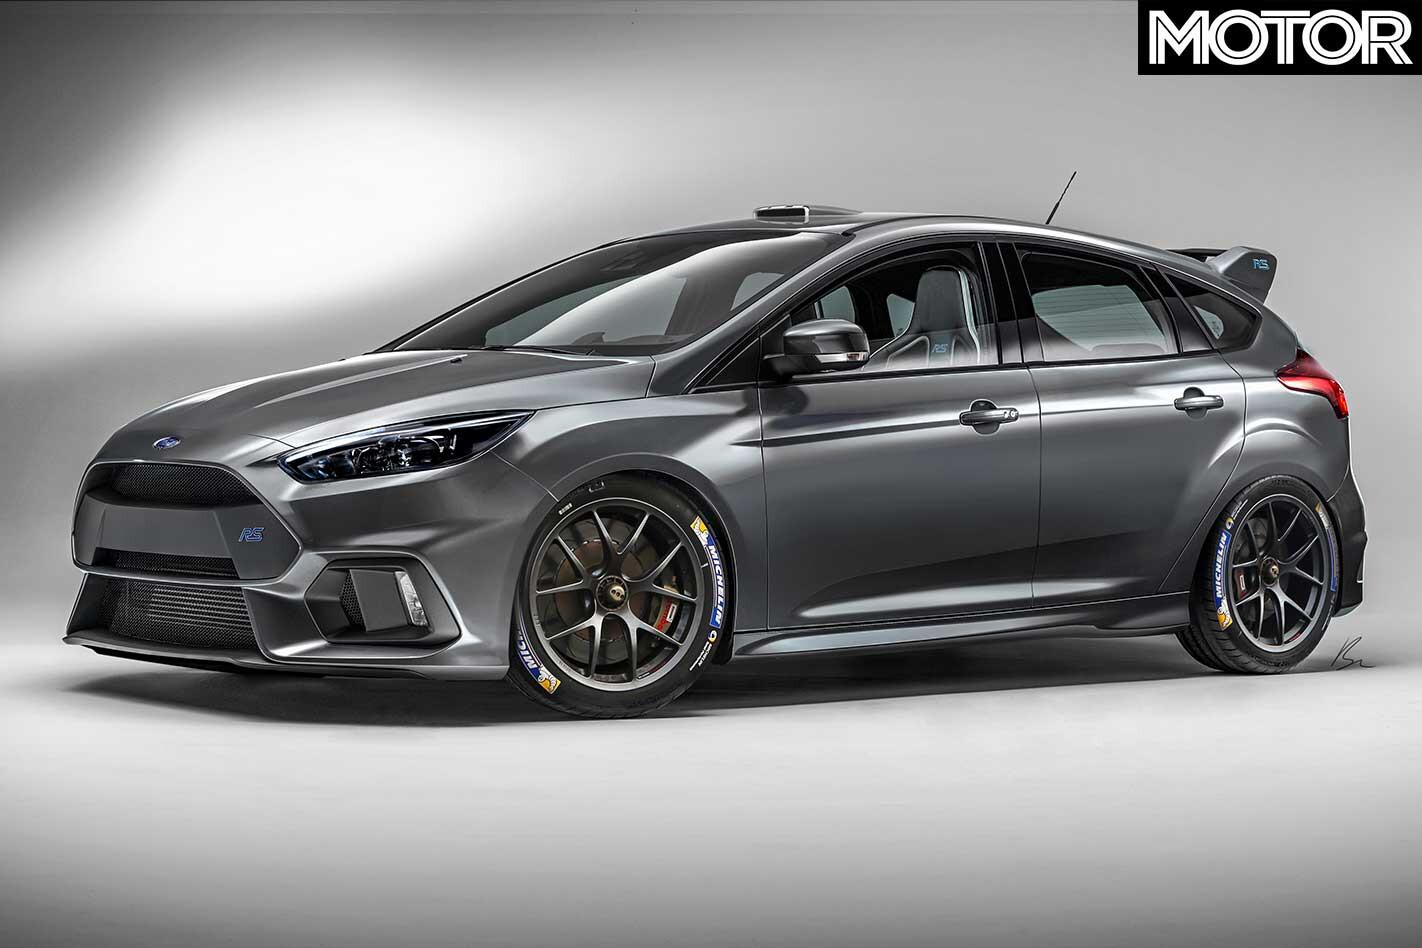 2018 Ford Focus Rs 500 Artwork Jpg